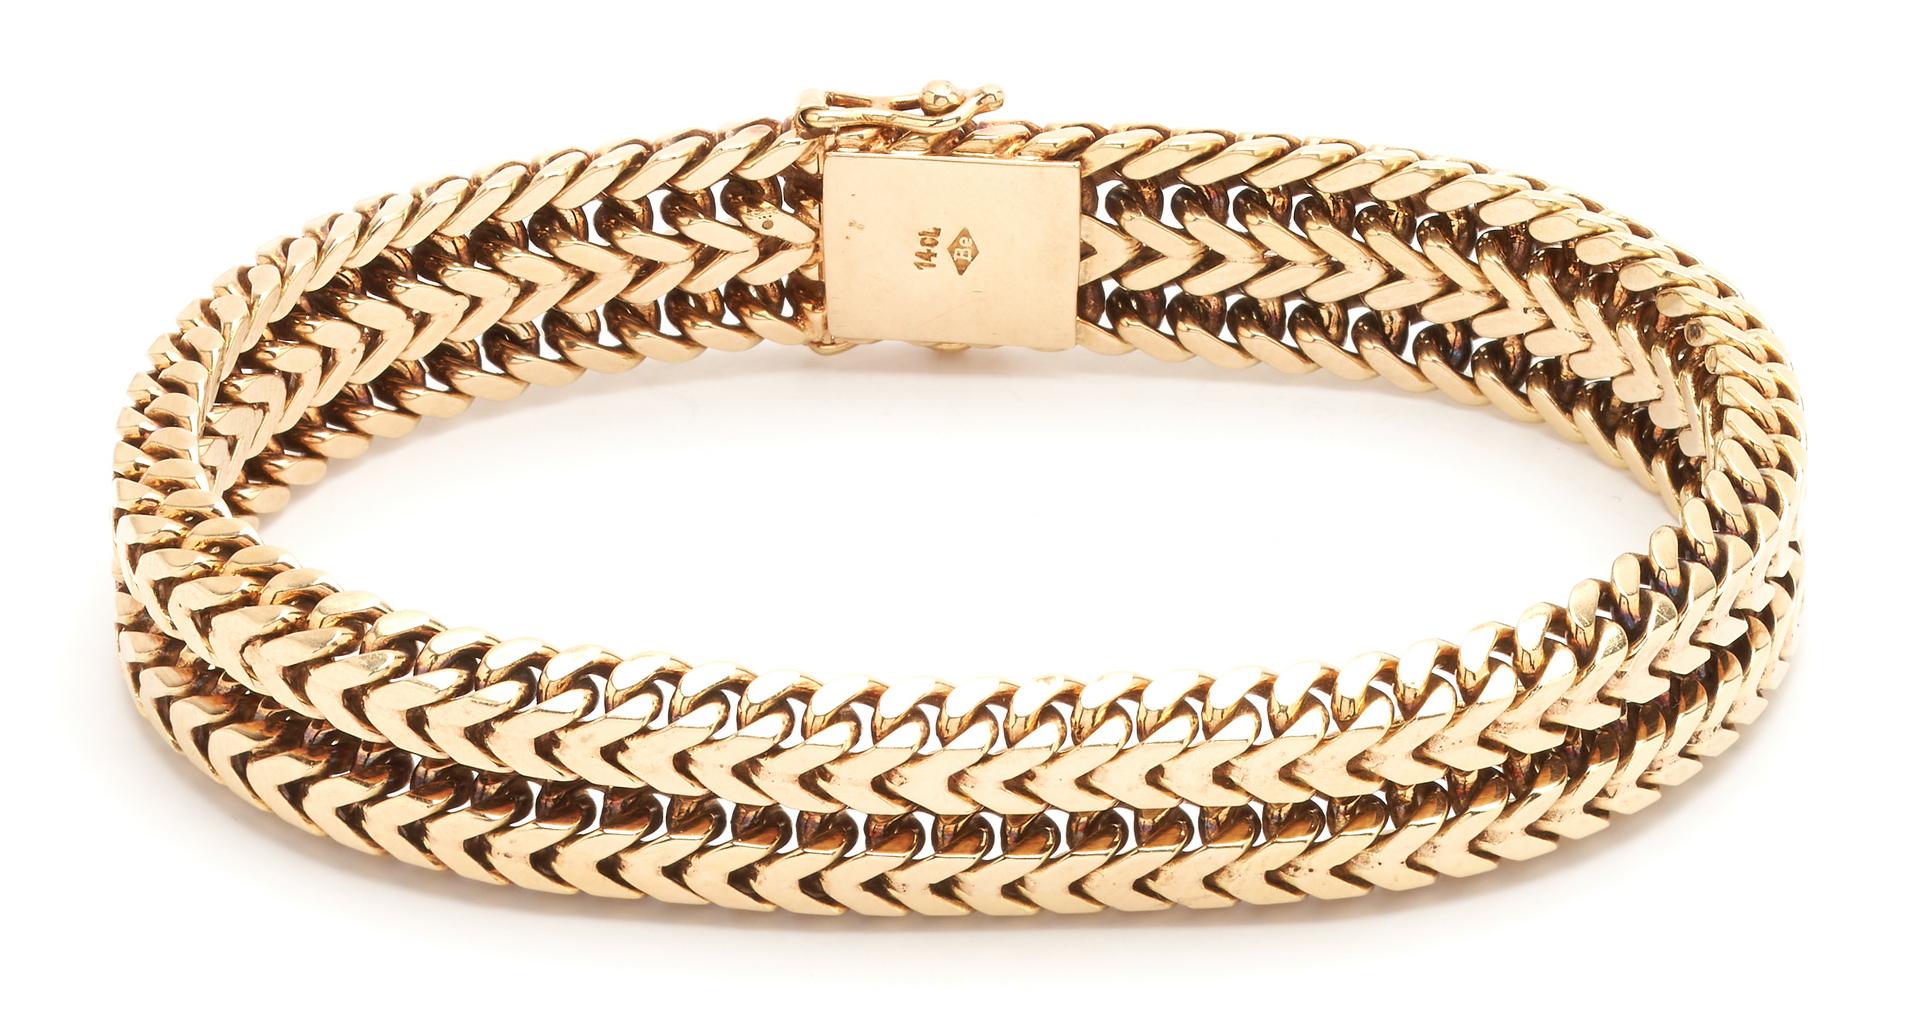 Lot 61: 14K Mens Gold Chain Bracelet, 55.2 grams